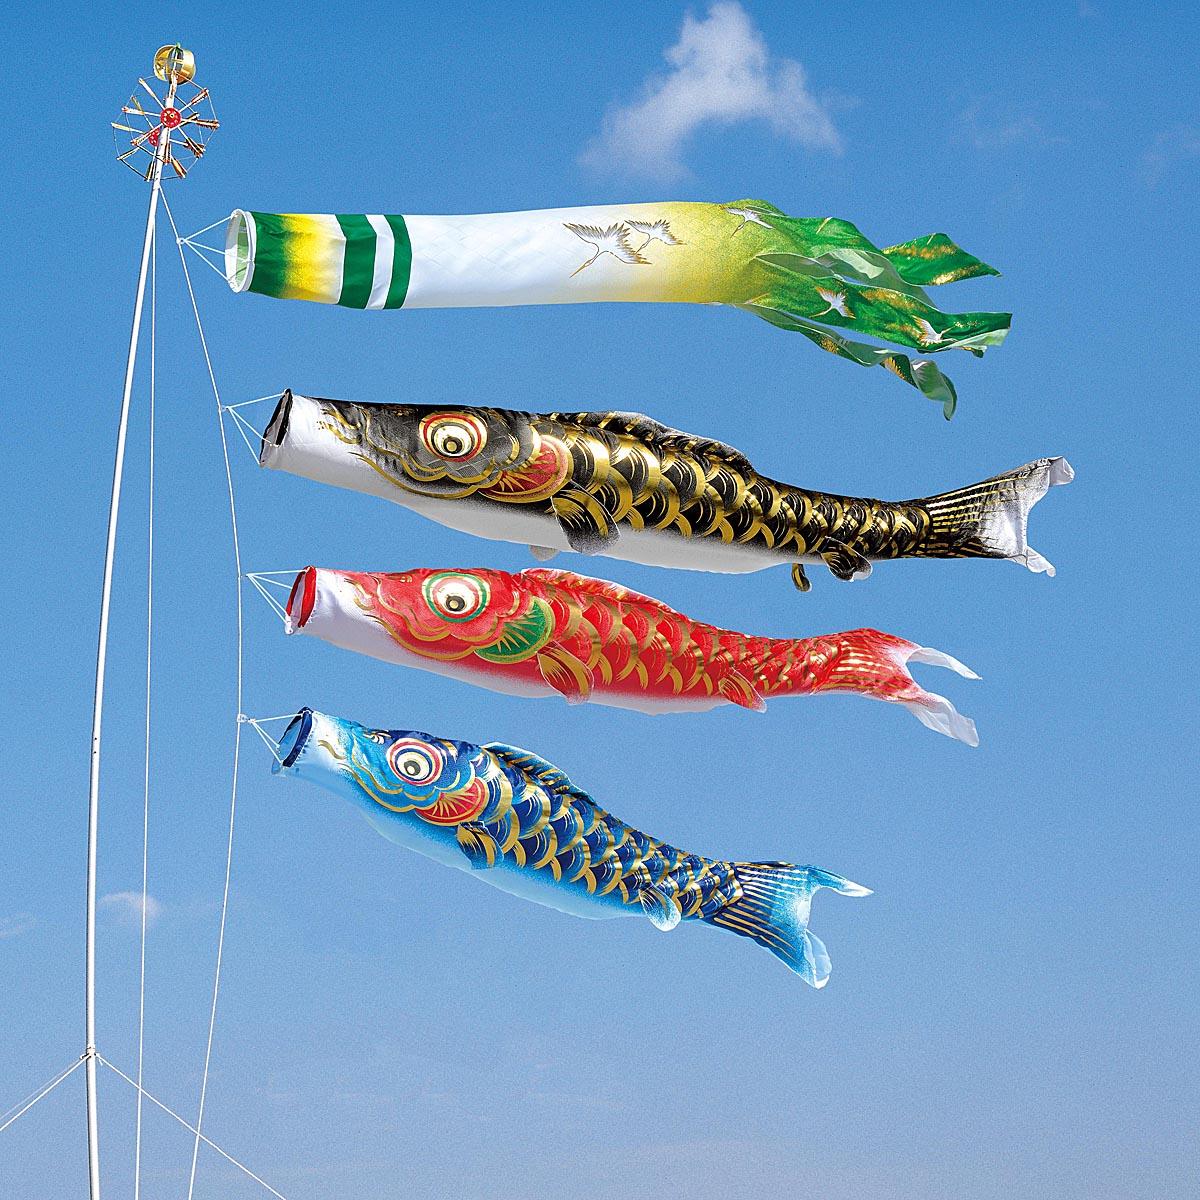 こいのぼり 庭用 凛風 4m 6点 (矢車、ロープ、吹流し、鯉3匹) マイホーム庭園用セット ダイヤ鯉 KOD-MY-734370